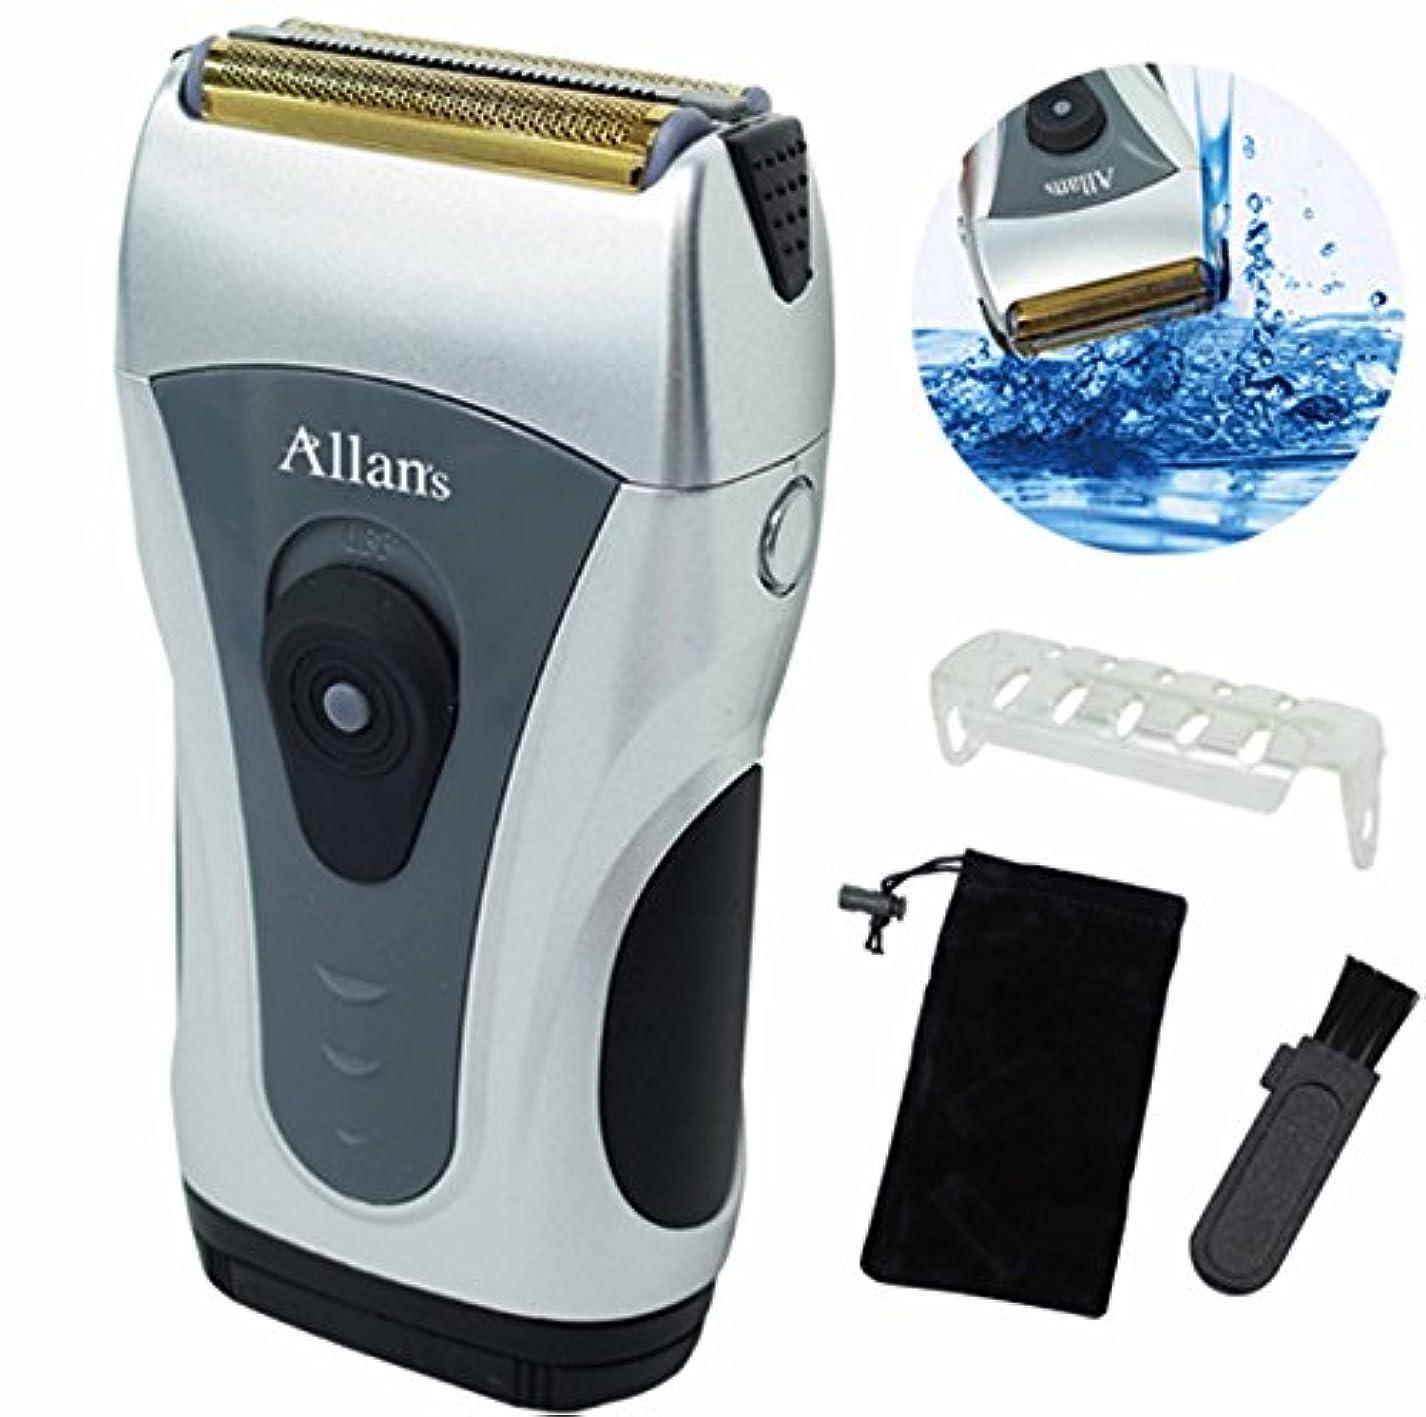 トリップ誰の累計Allans 携帯 電池 式 電動 髭剃り 水洗い ウォッシャブル メンズ シェーバー コンパクト MEBM-29